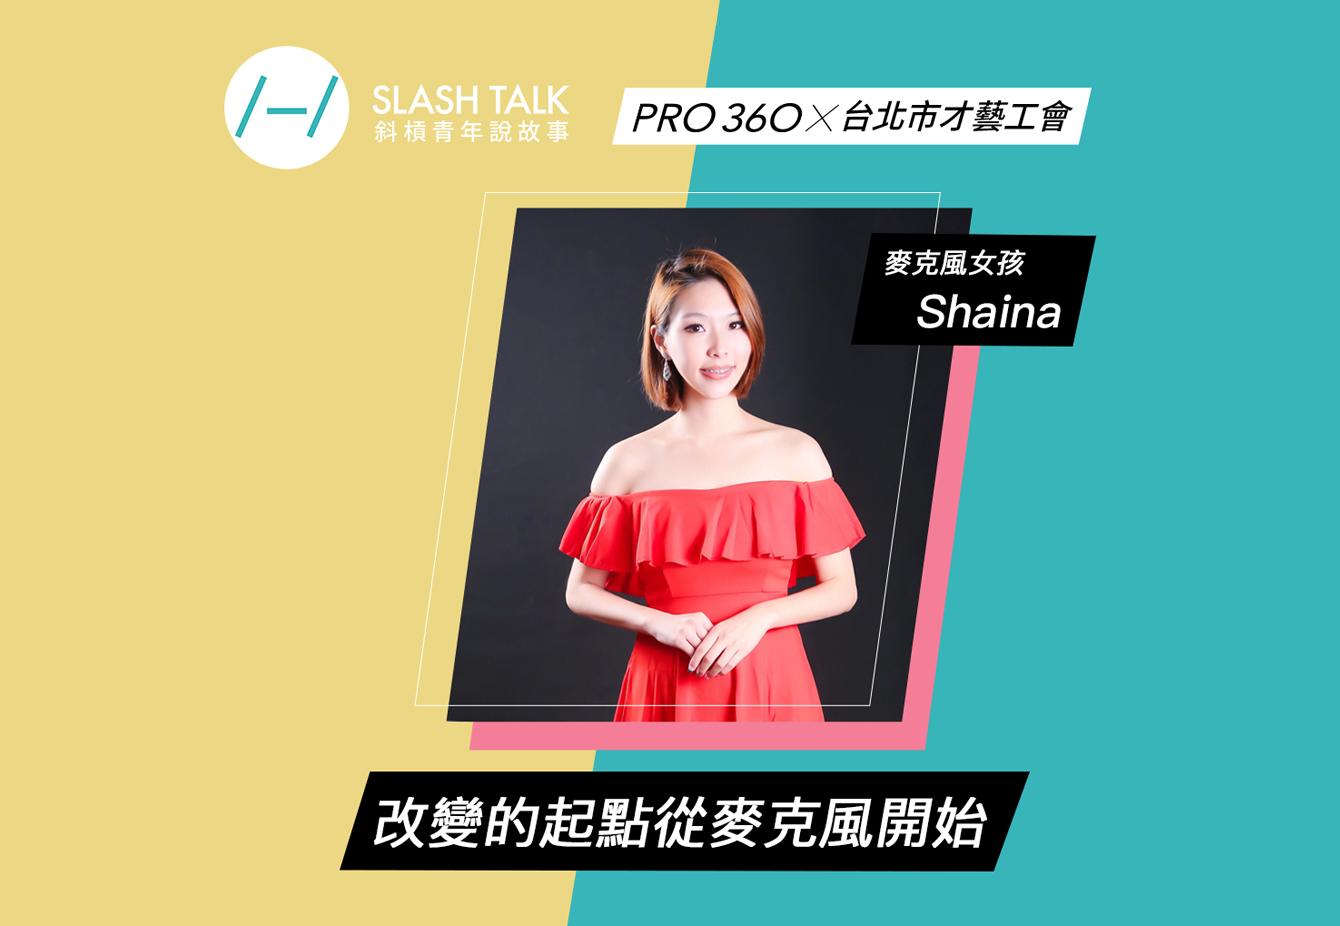 《斜槓青年說故事》麥克風女孩-Shaina:改變的起點從麥克風開始